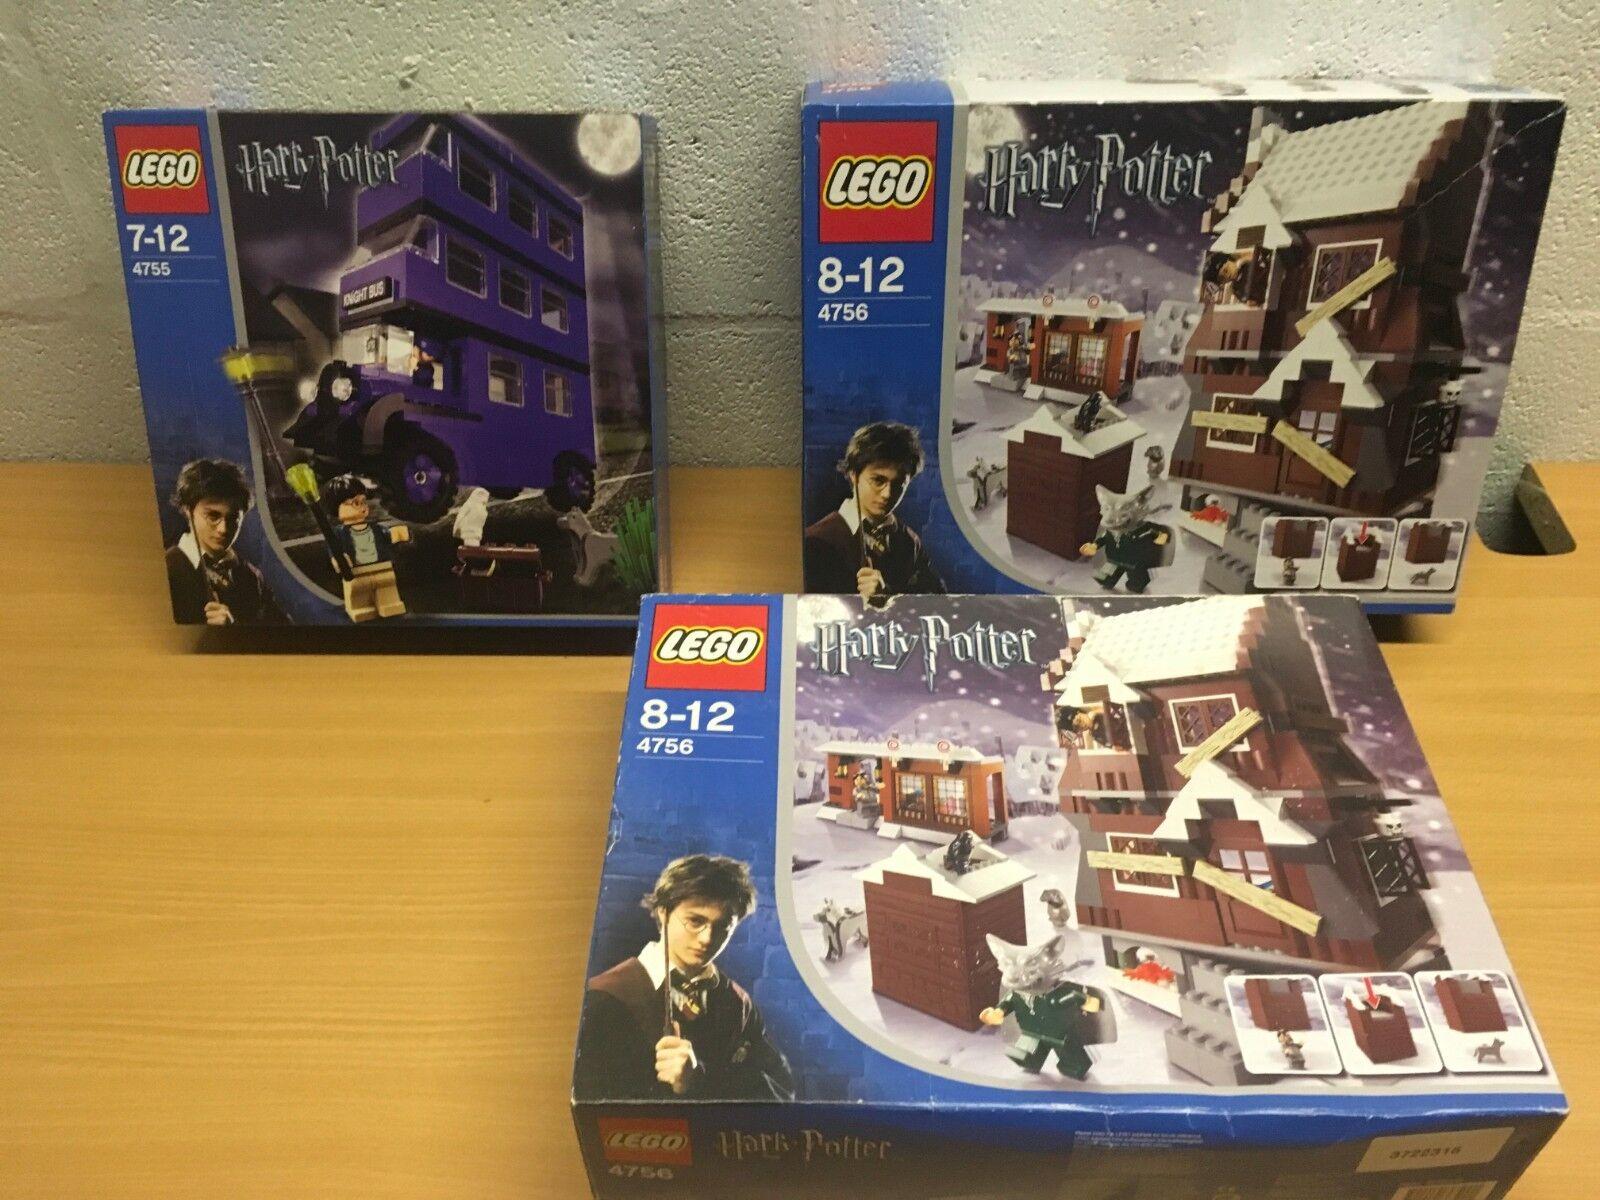 autorizzazione LEGO Harry Potter 4755 4756 NUOVO NUOVO NUOVO SIGILLATO stamberga strillante Knight autobus prima edizione  negozio all'ingrosso